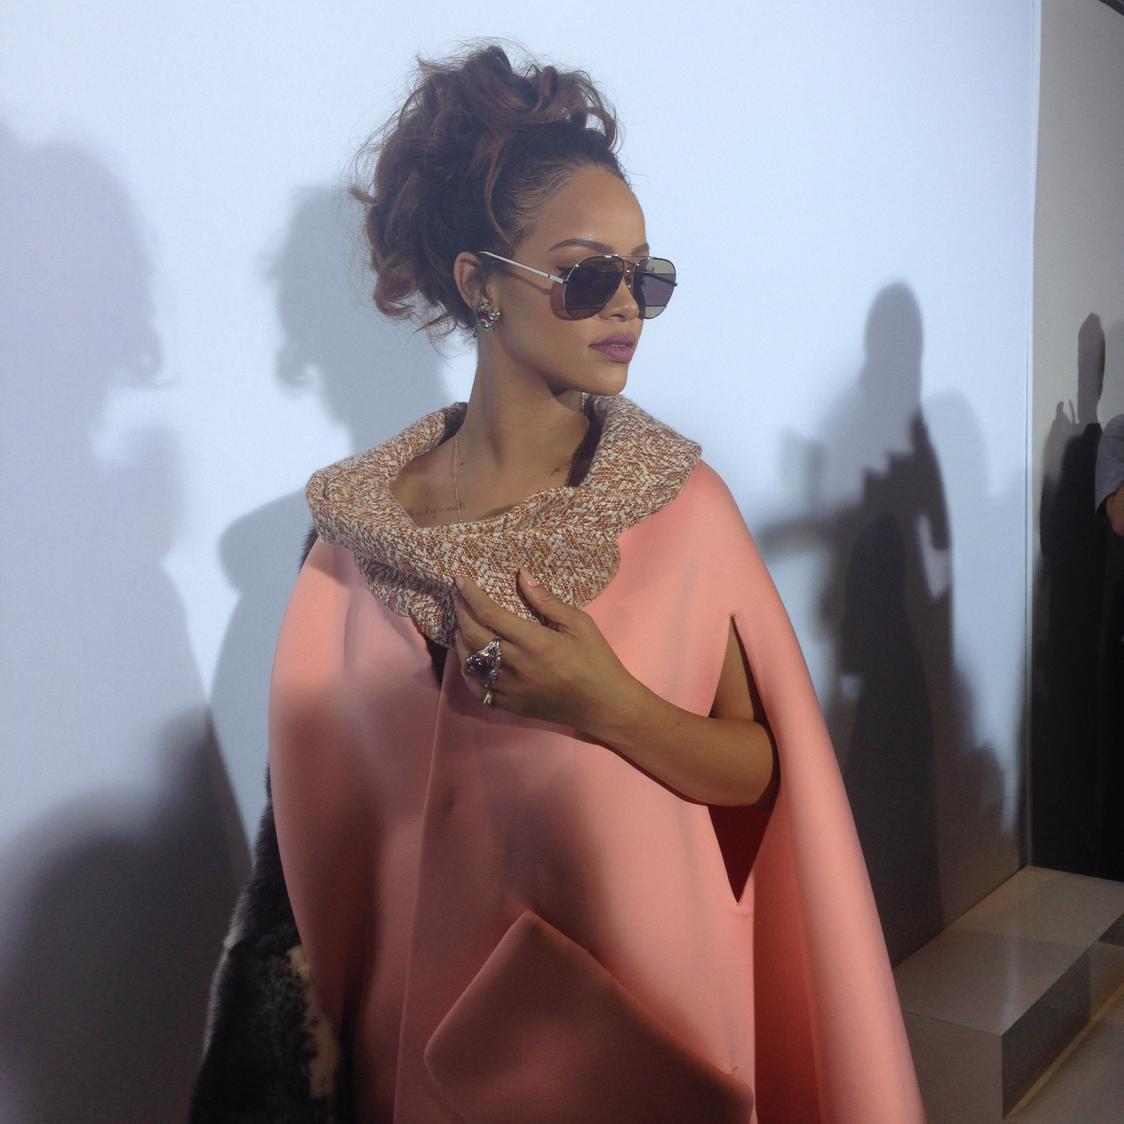 Rihanna at Dior http://t.co/1jllFxl0mo